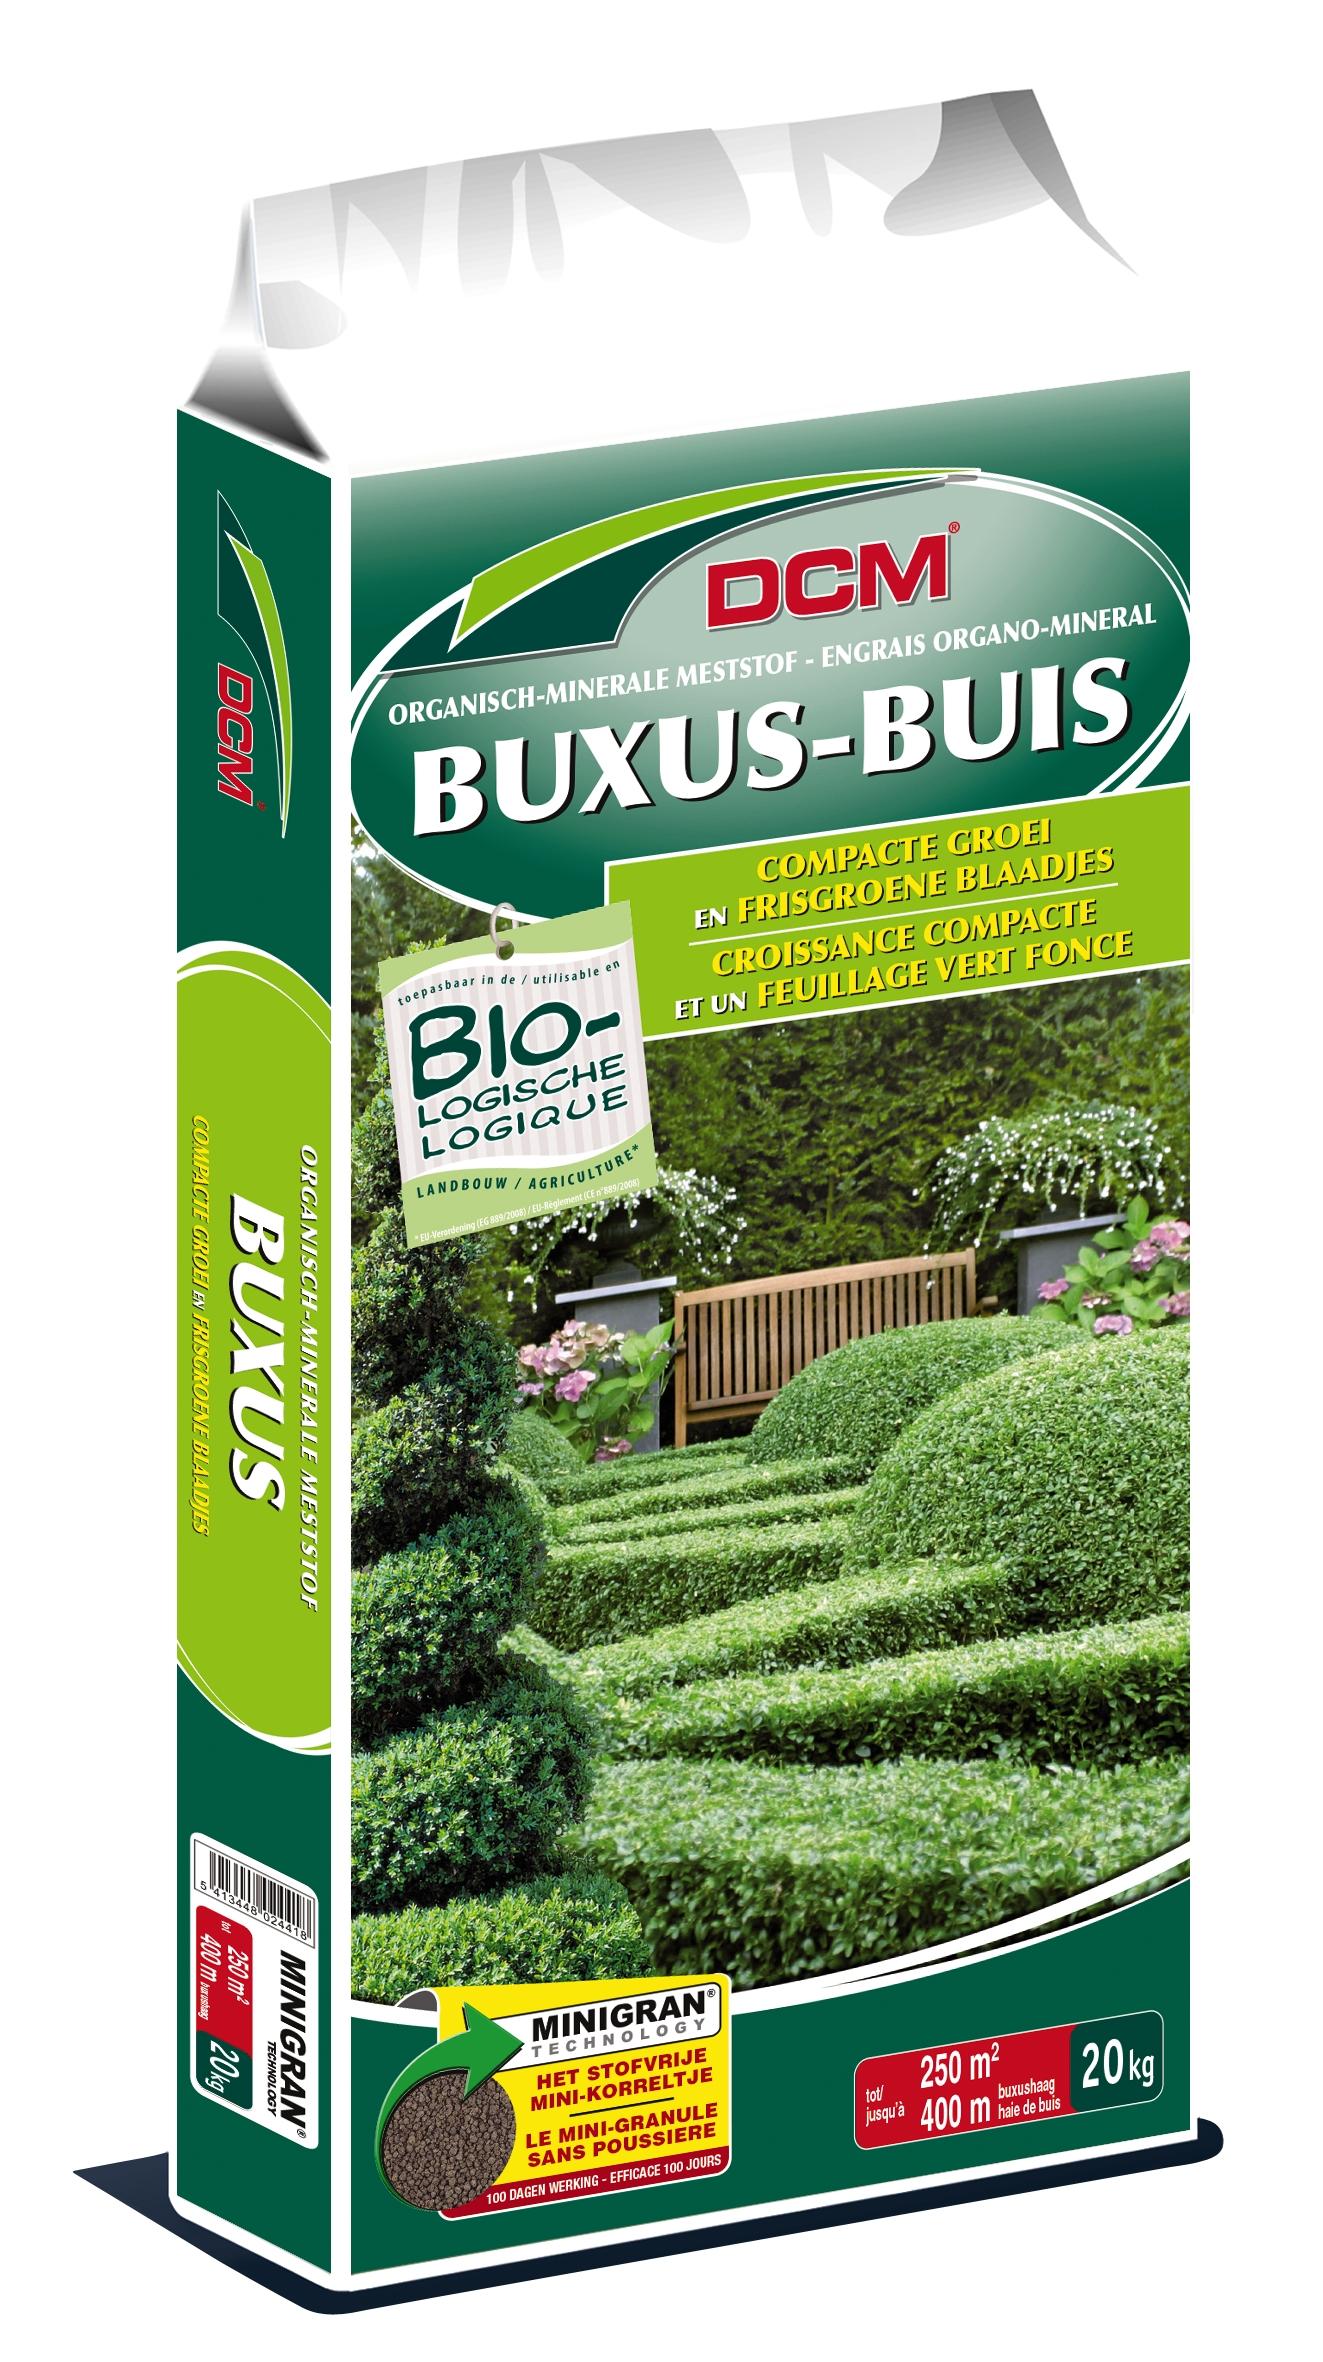 Dcm Organisch-Minerale meststof Buxus.